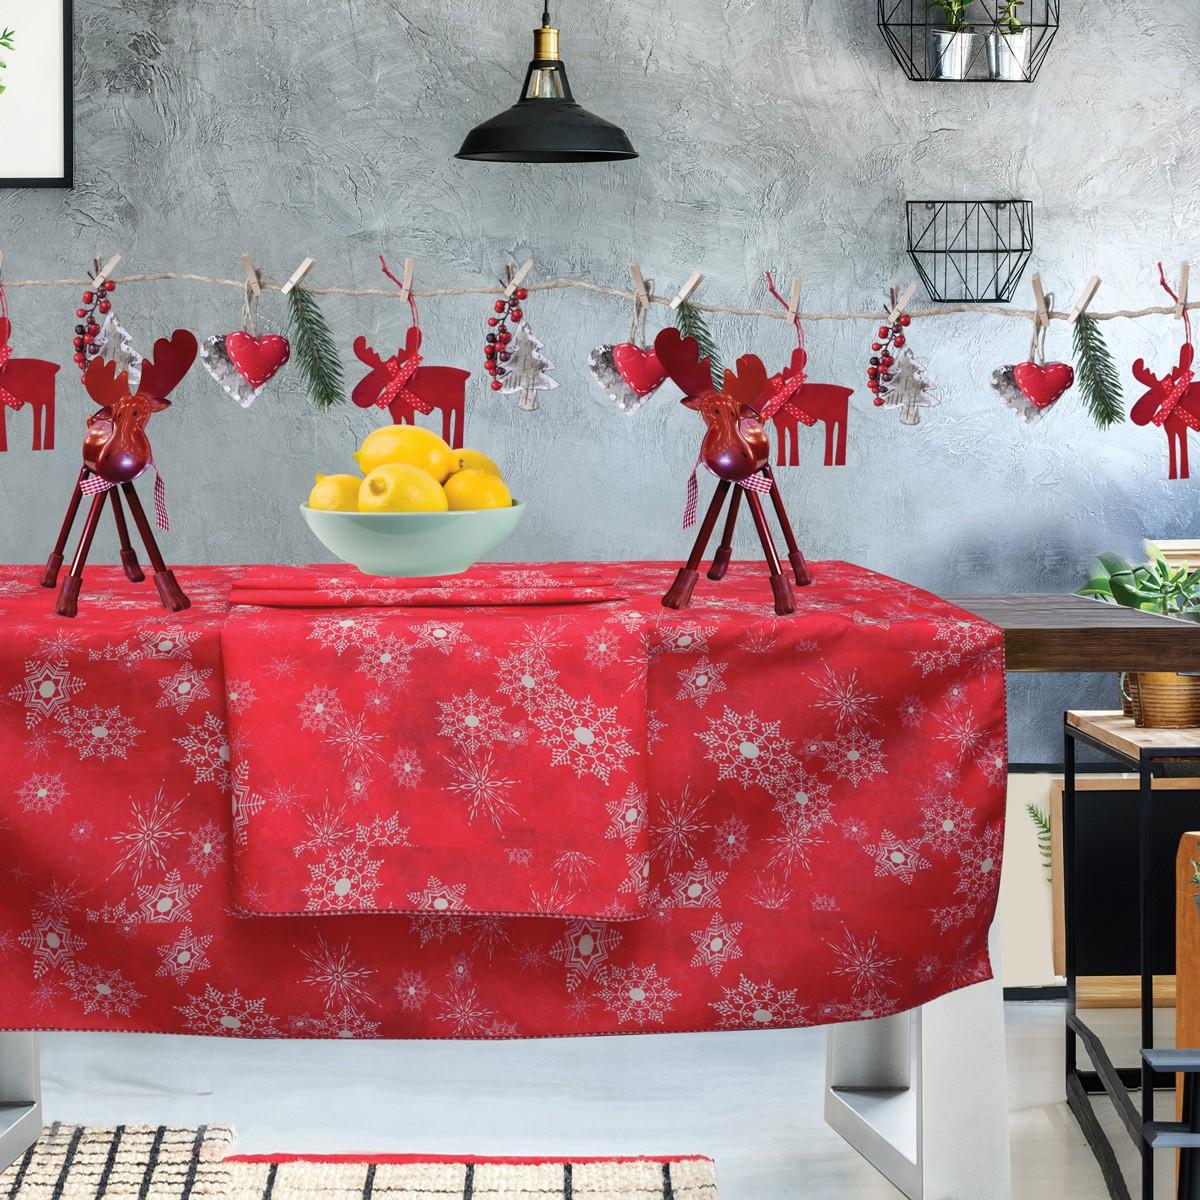 Χριστουγεννιάτικο Τραπεζομάντηλο (140×140) Das Home Kitchen 553